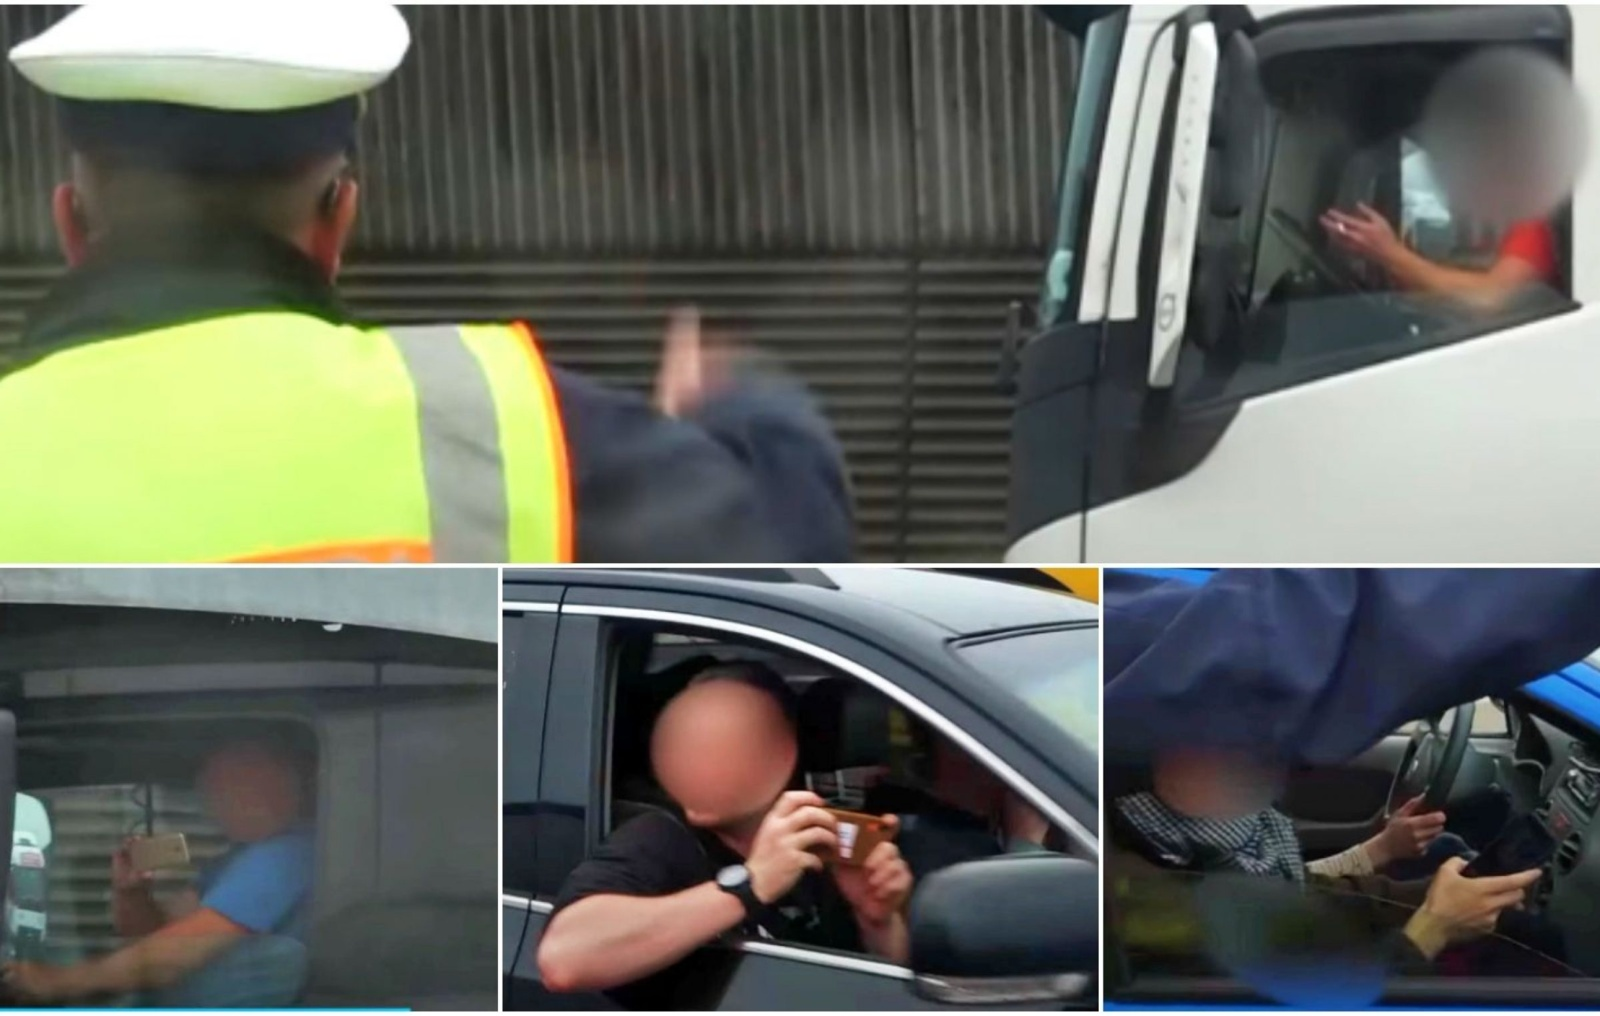 Slėpkite telefonus – už avarijos įamžinimą skalpuoja baudomis